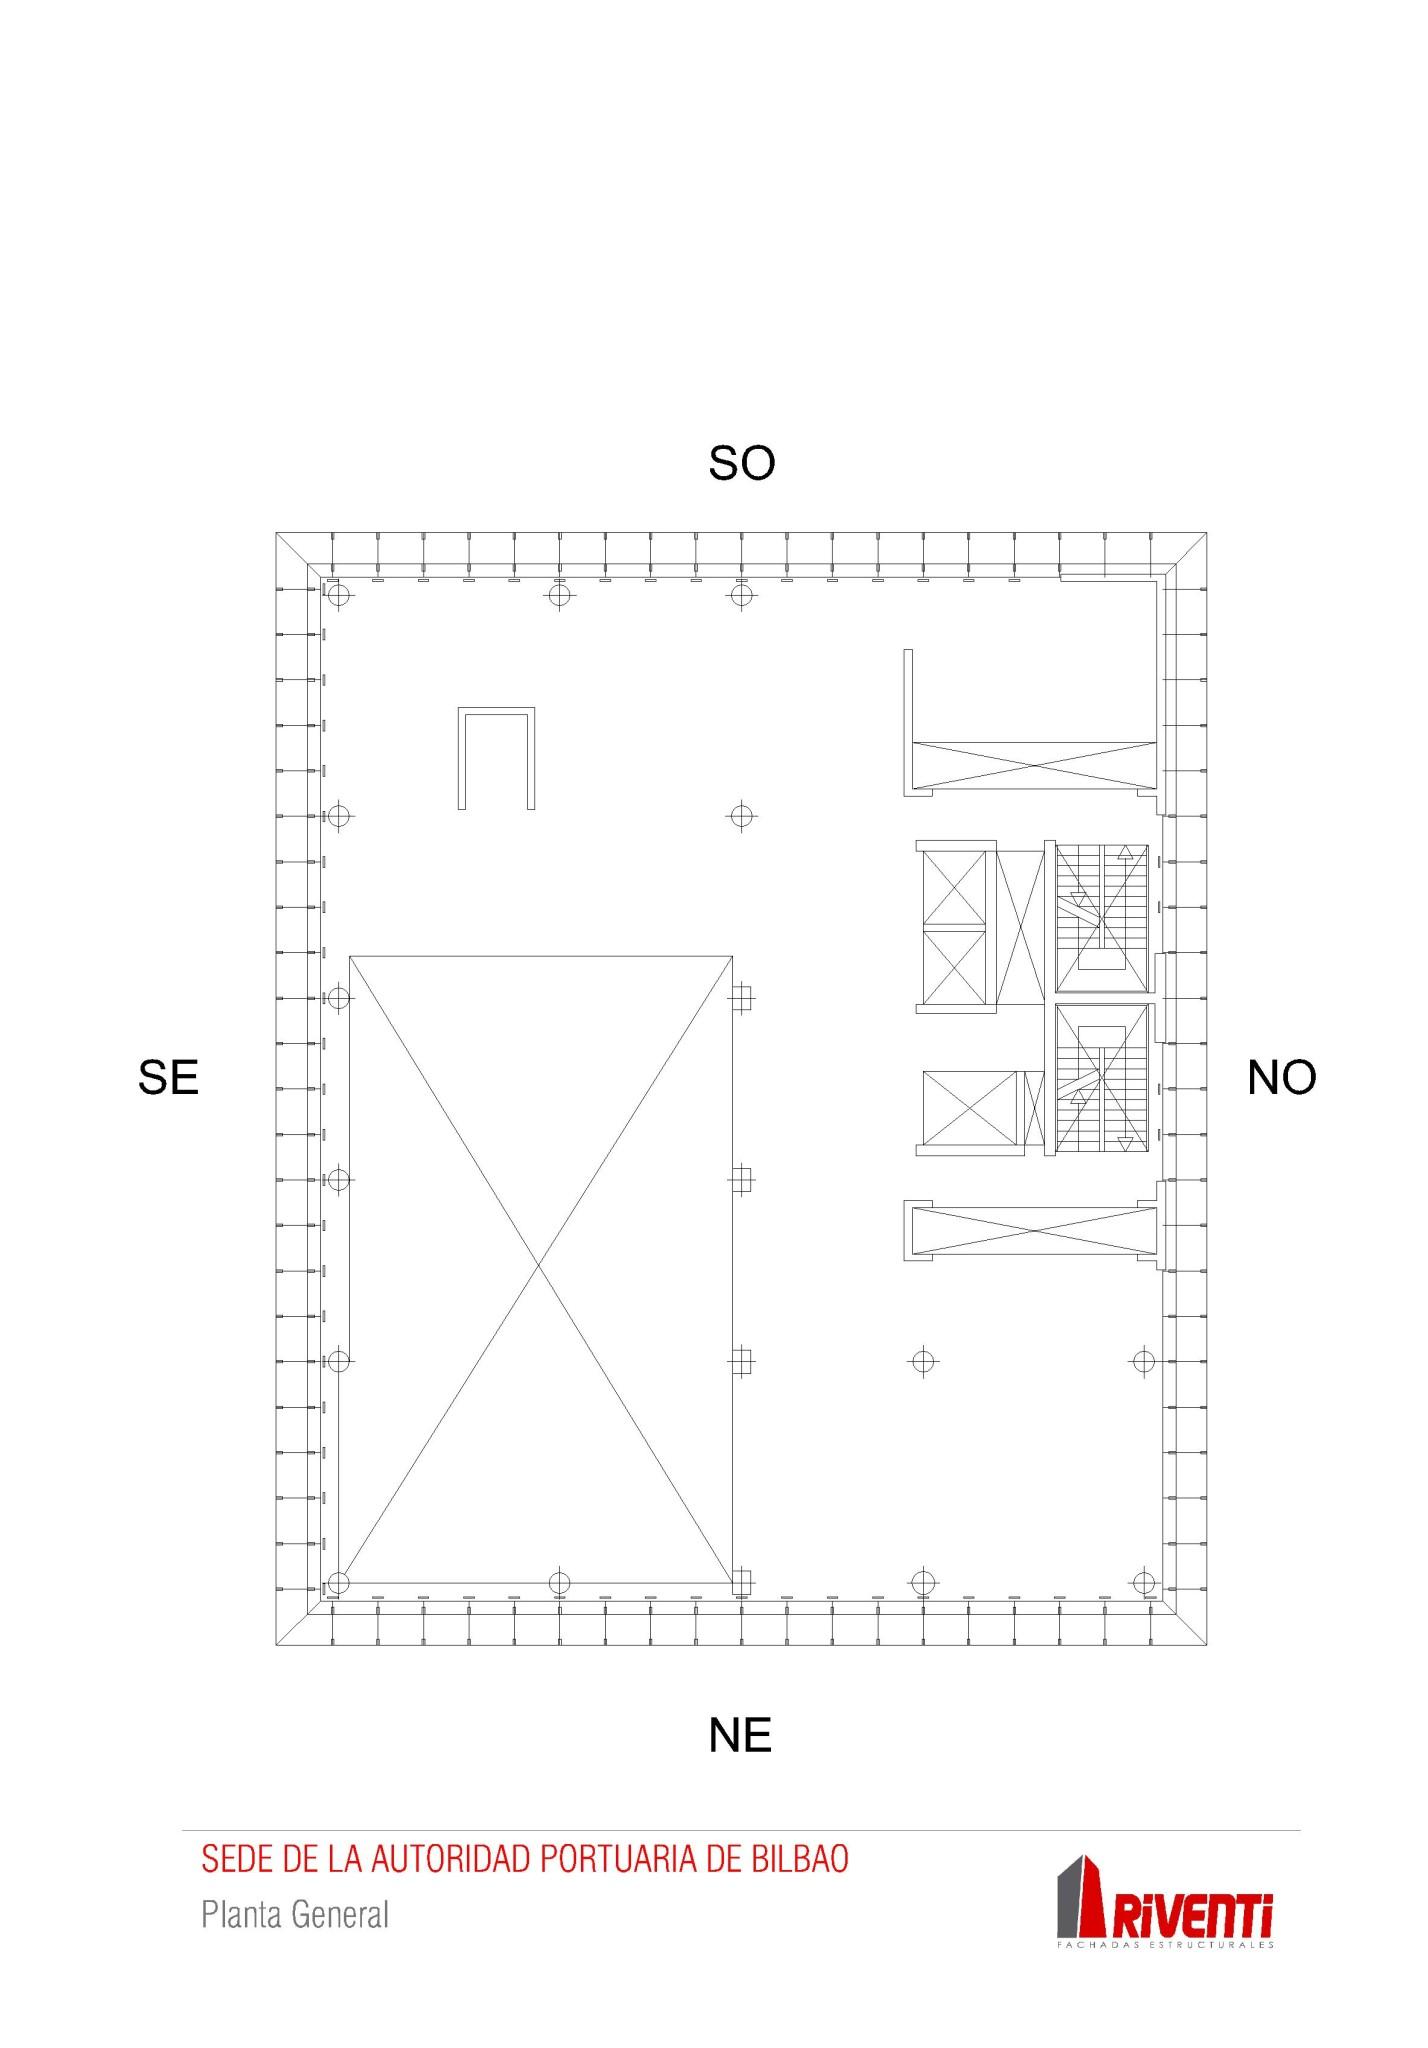 muro-cortina-sede-portuaria-bilbao-doble-piel-fachada-riventi-detalle-constructivo_planta